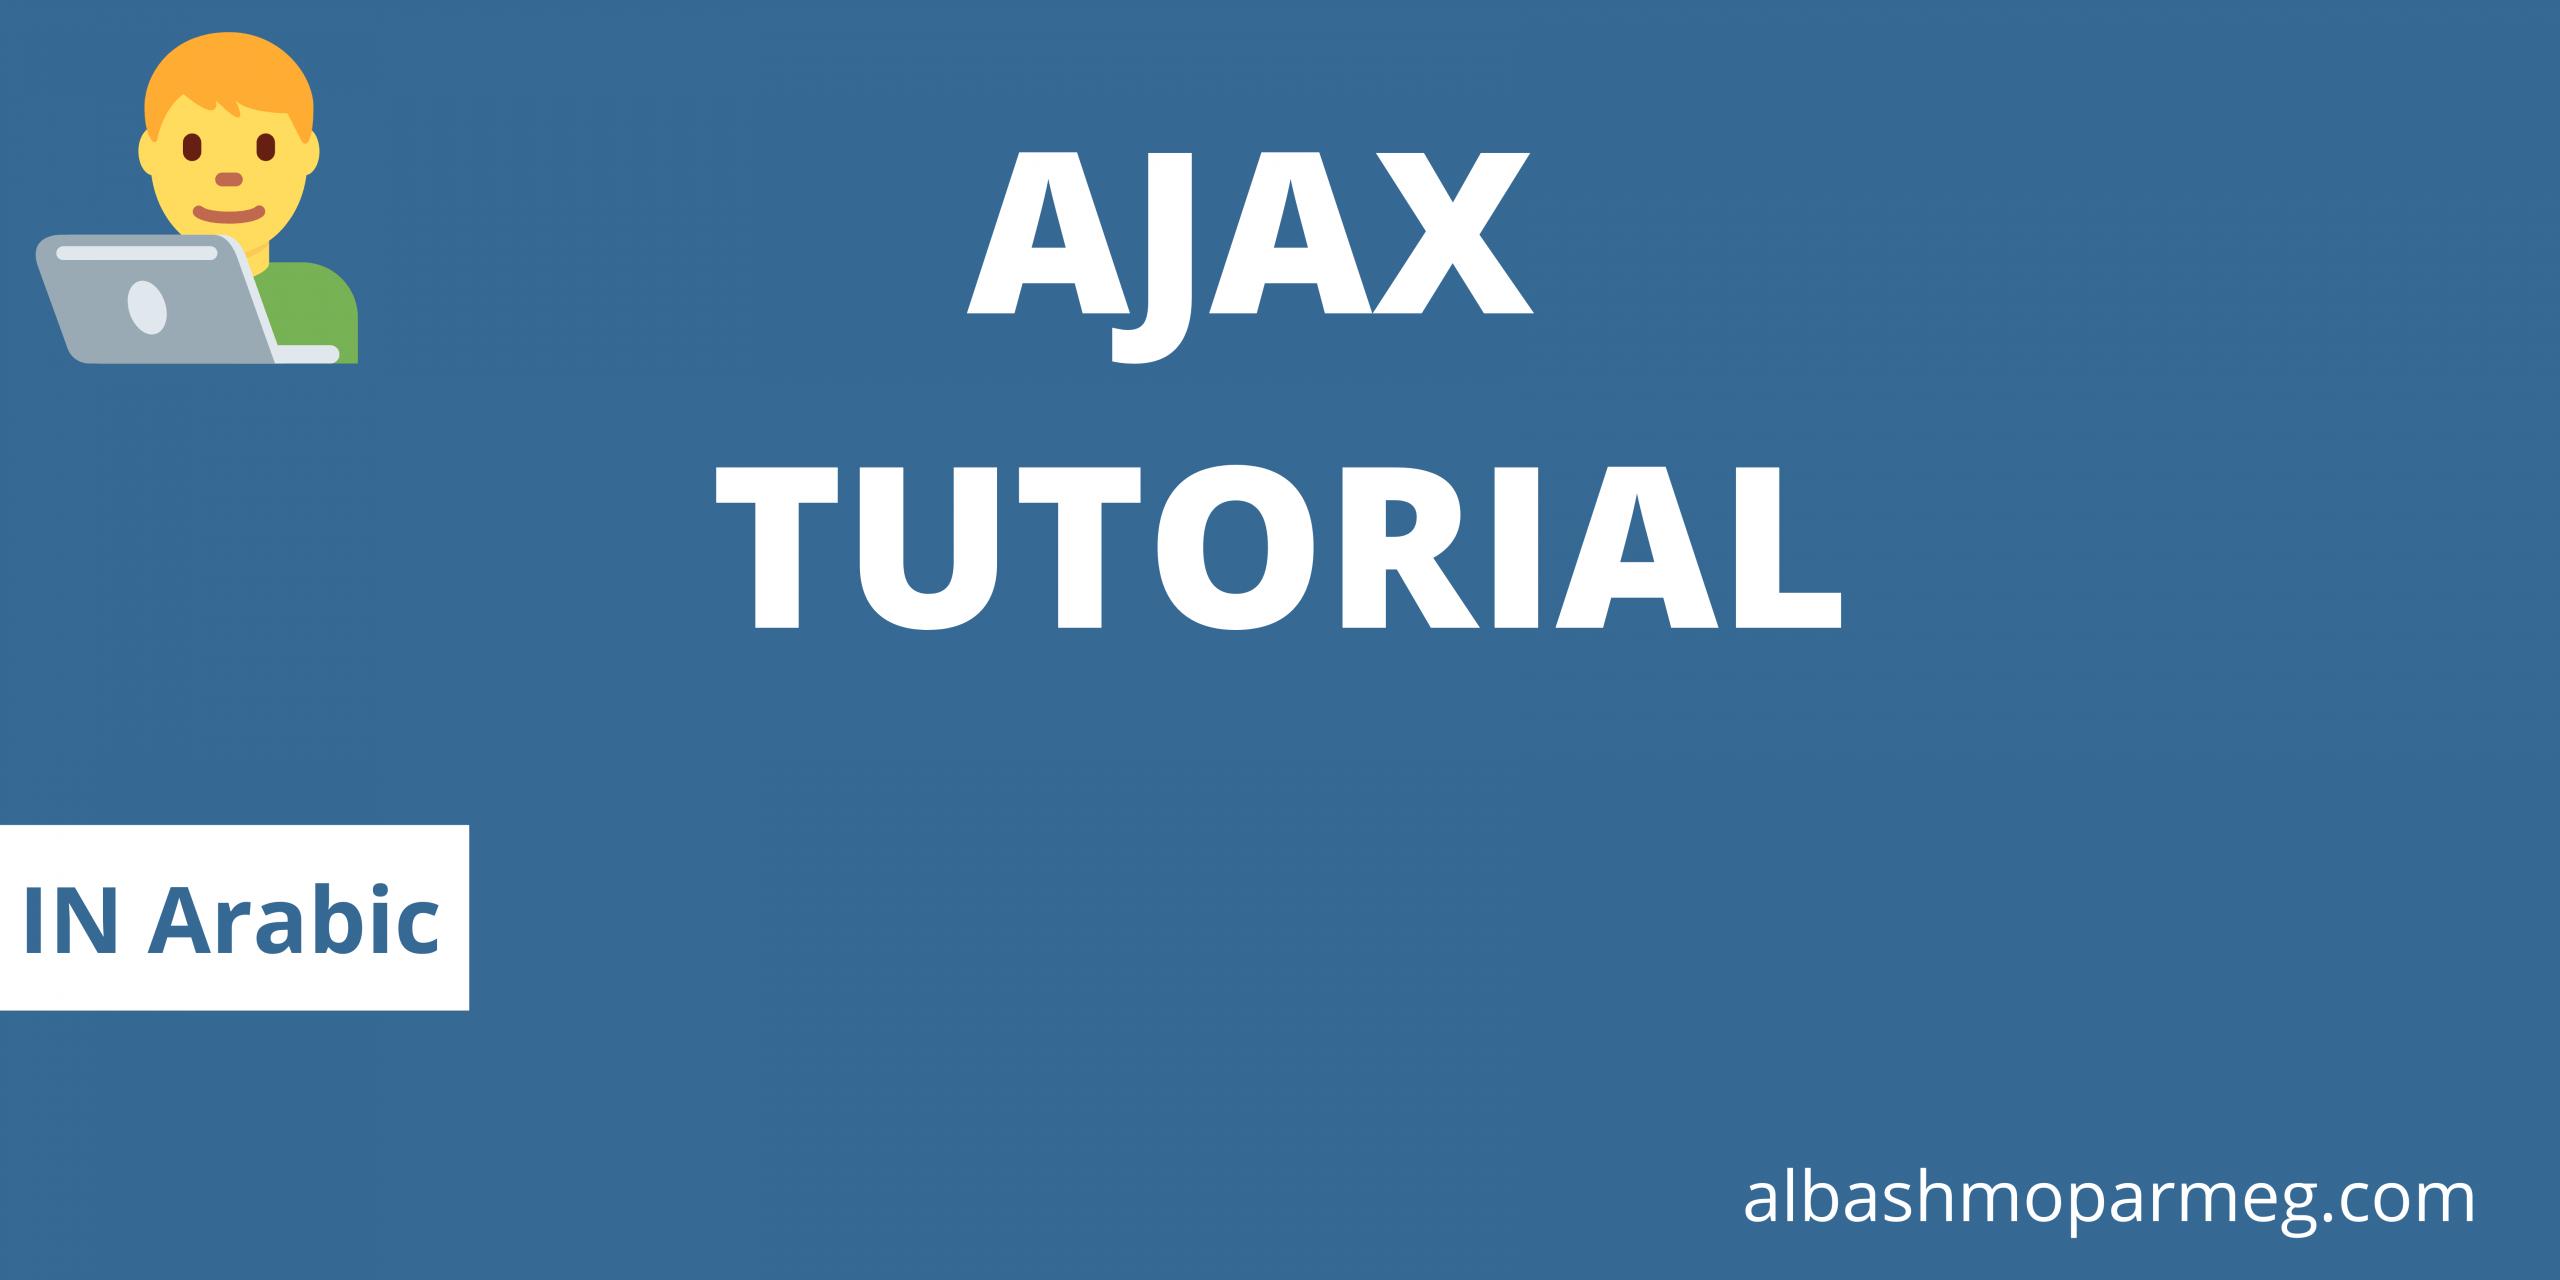 ajax tutorial - الباشمبرمج